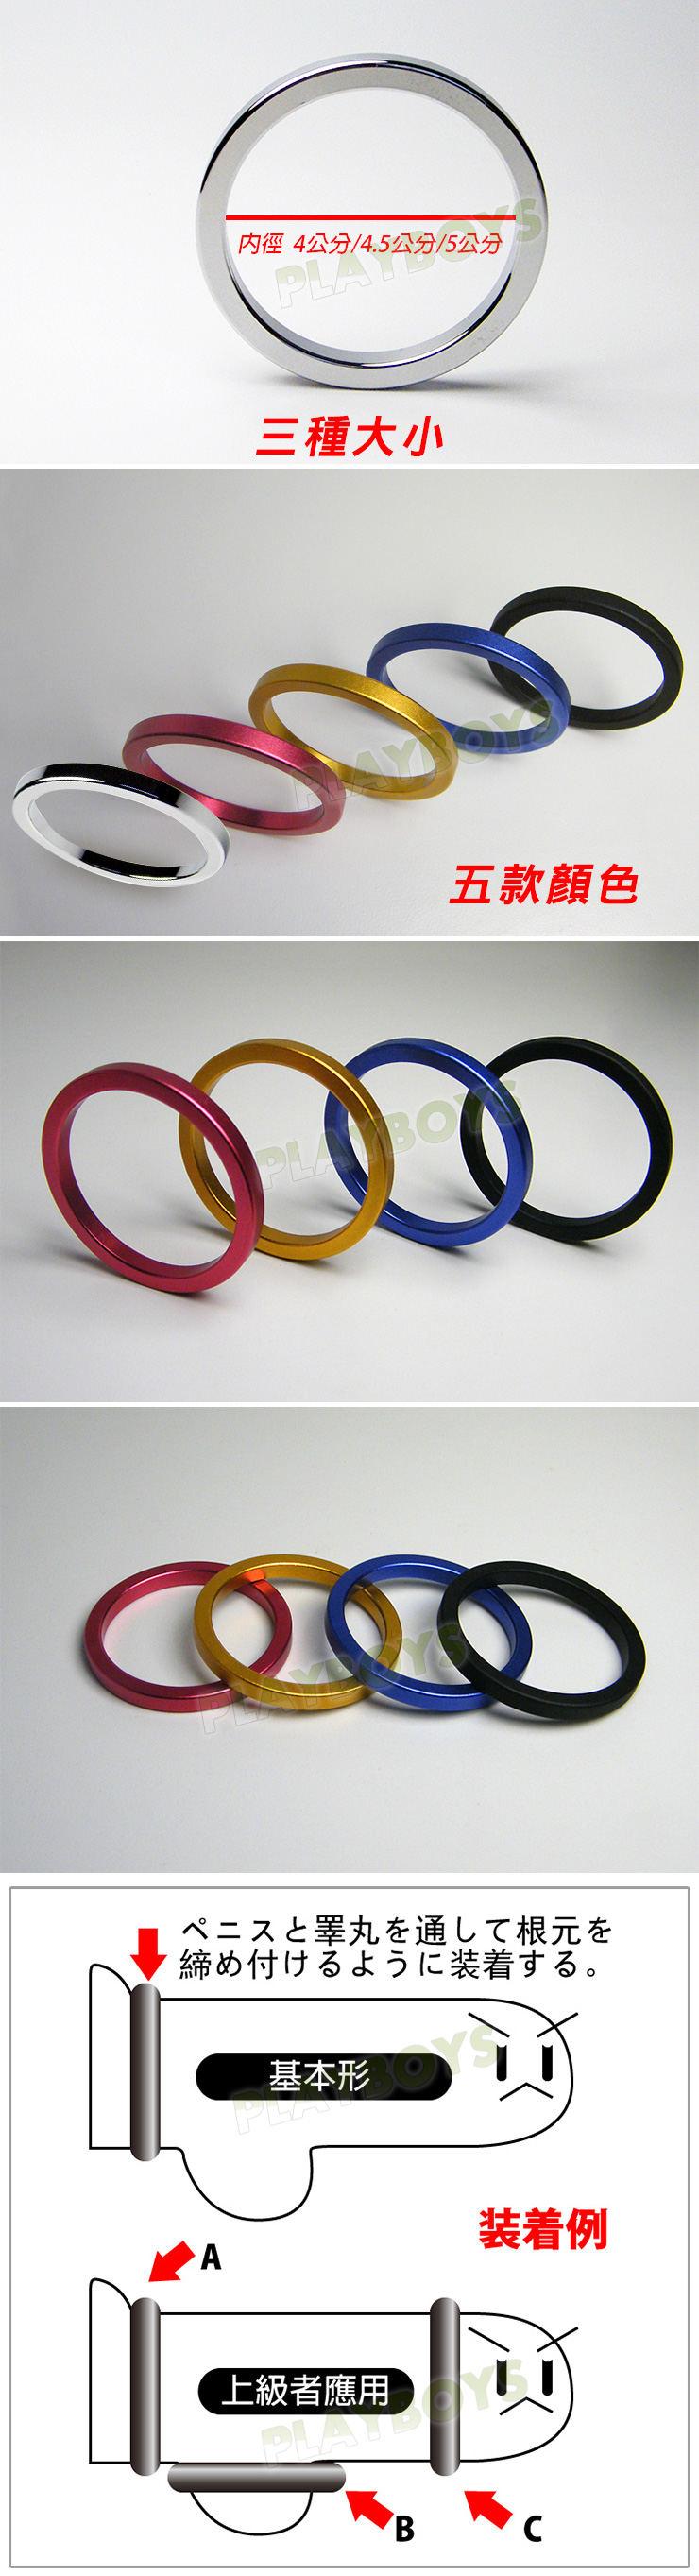 太空鋁延時環-屌環(45公分)紅色